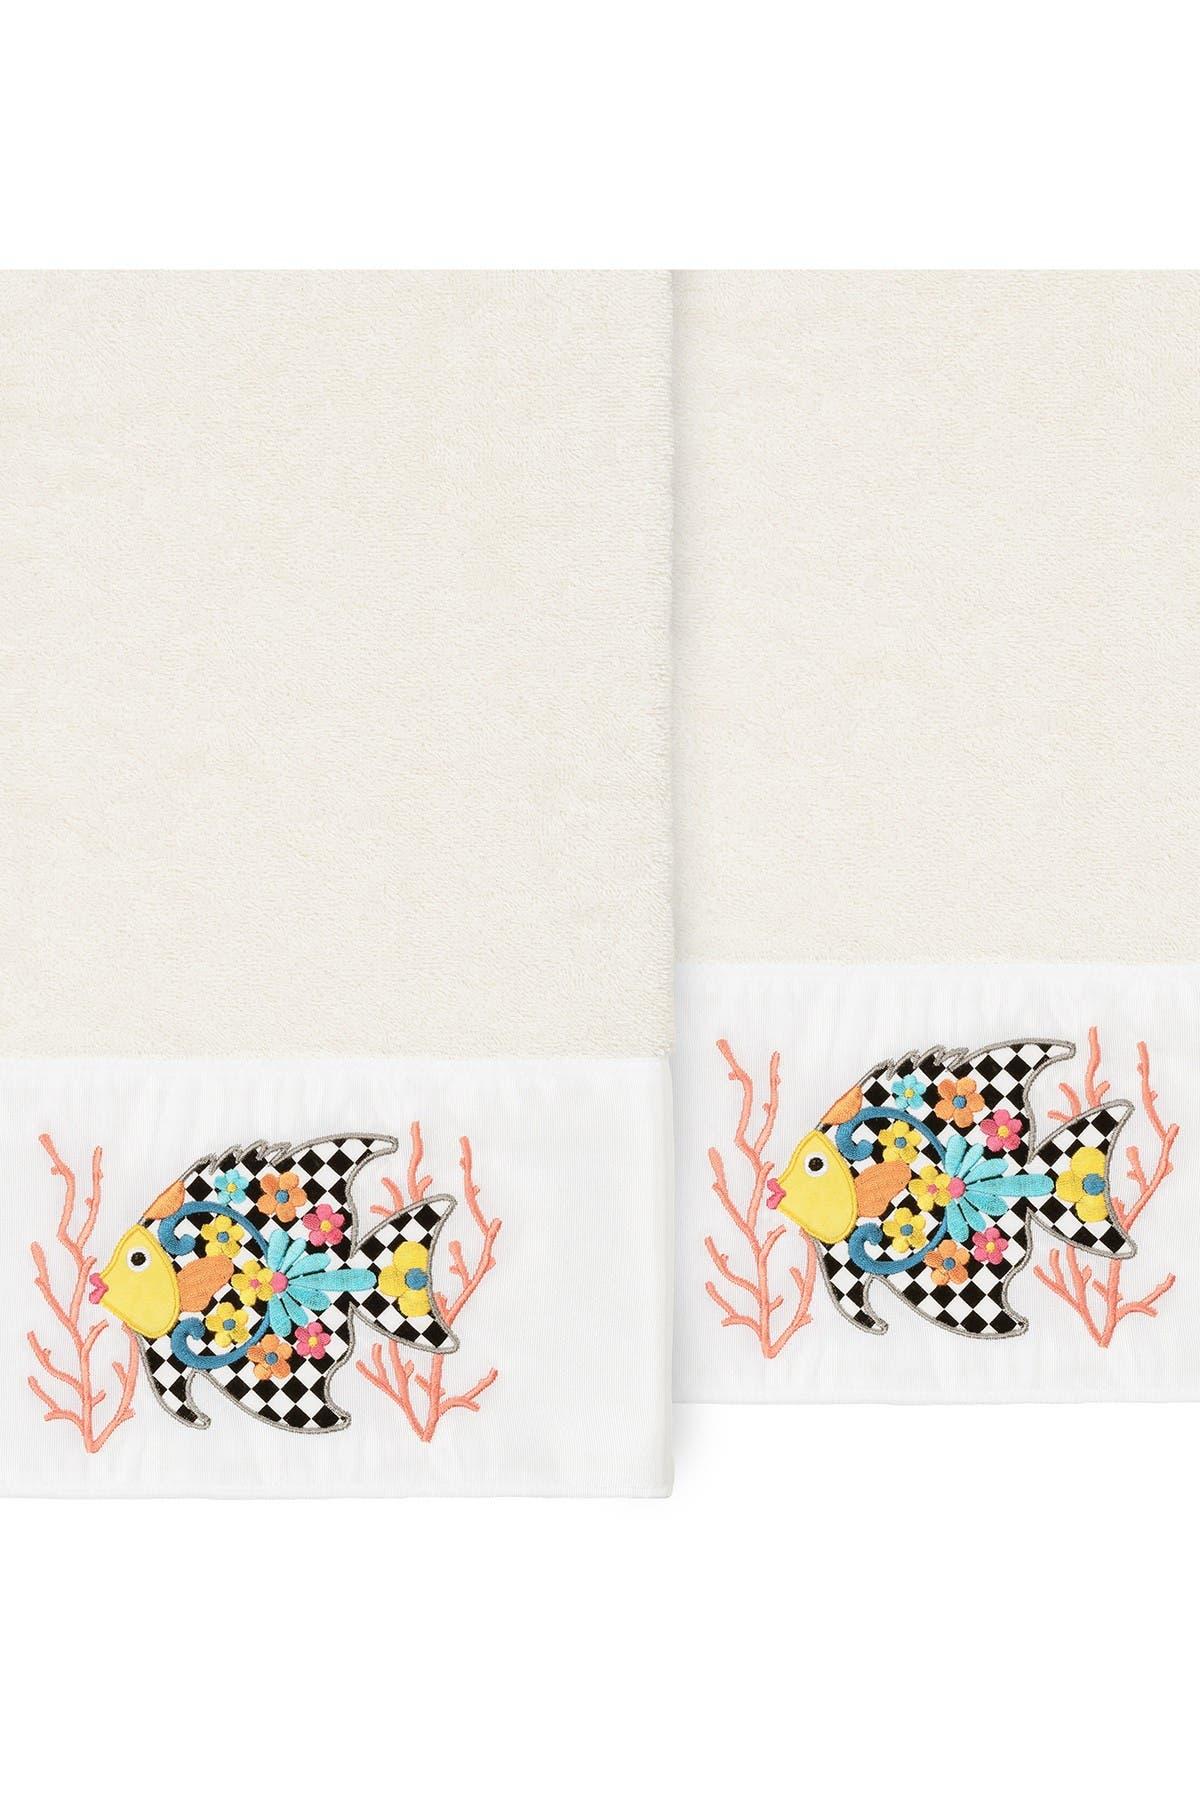 Image of LINUM HOME Feliz Embellished Bath Towel - Set of 2 - Cream